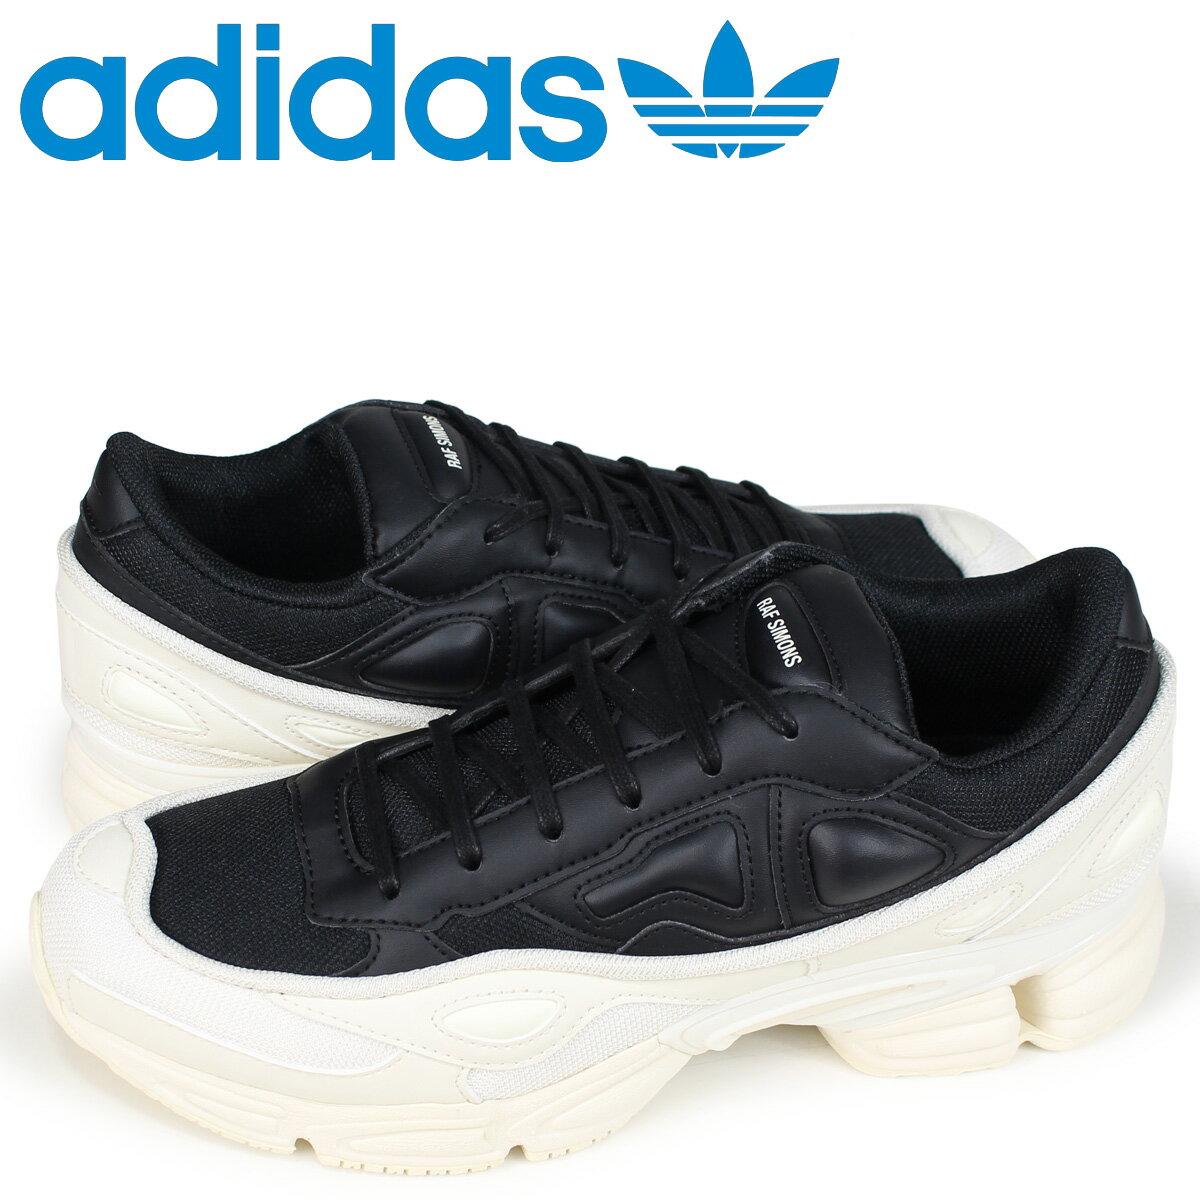 アディダス オリジナルス ラフシモンズ adidas Originals スニーカー RAF SIMONS オズウィーゴー RSOZWEEGO メンズ F34264 ホワイト